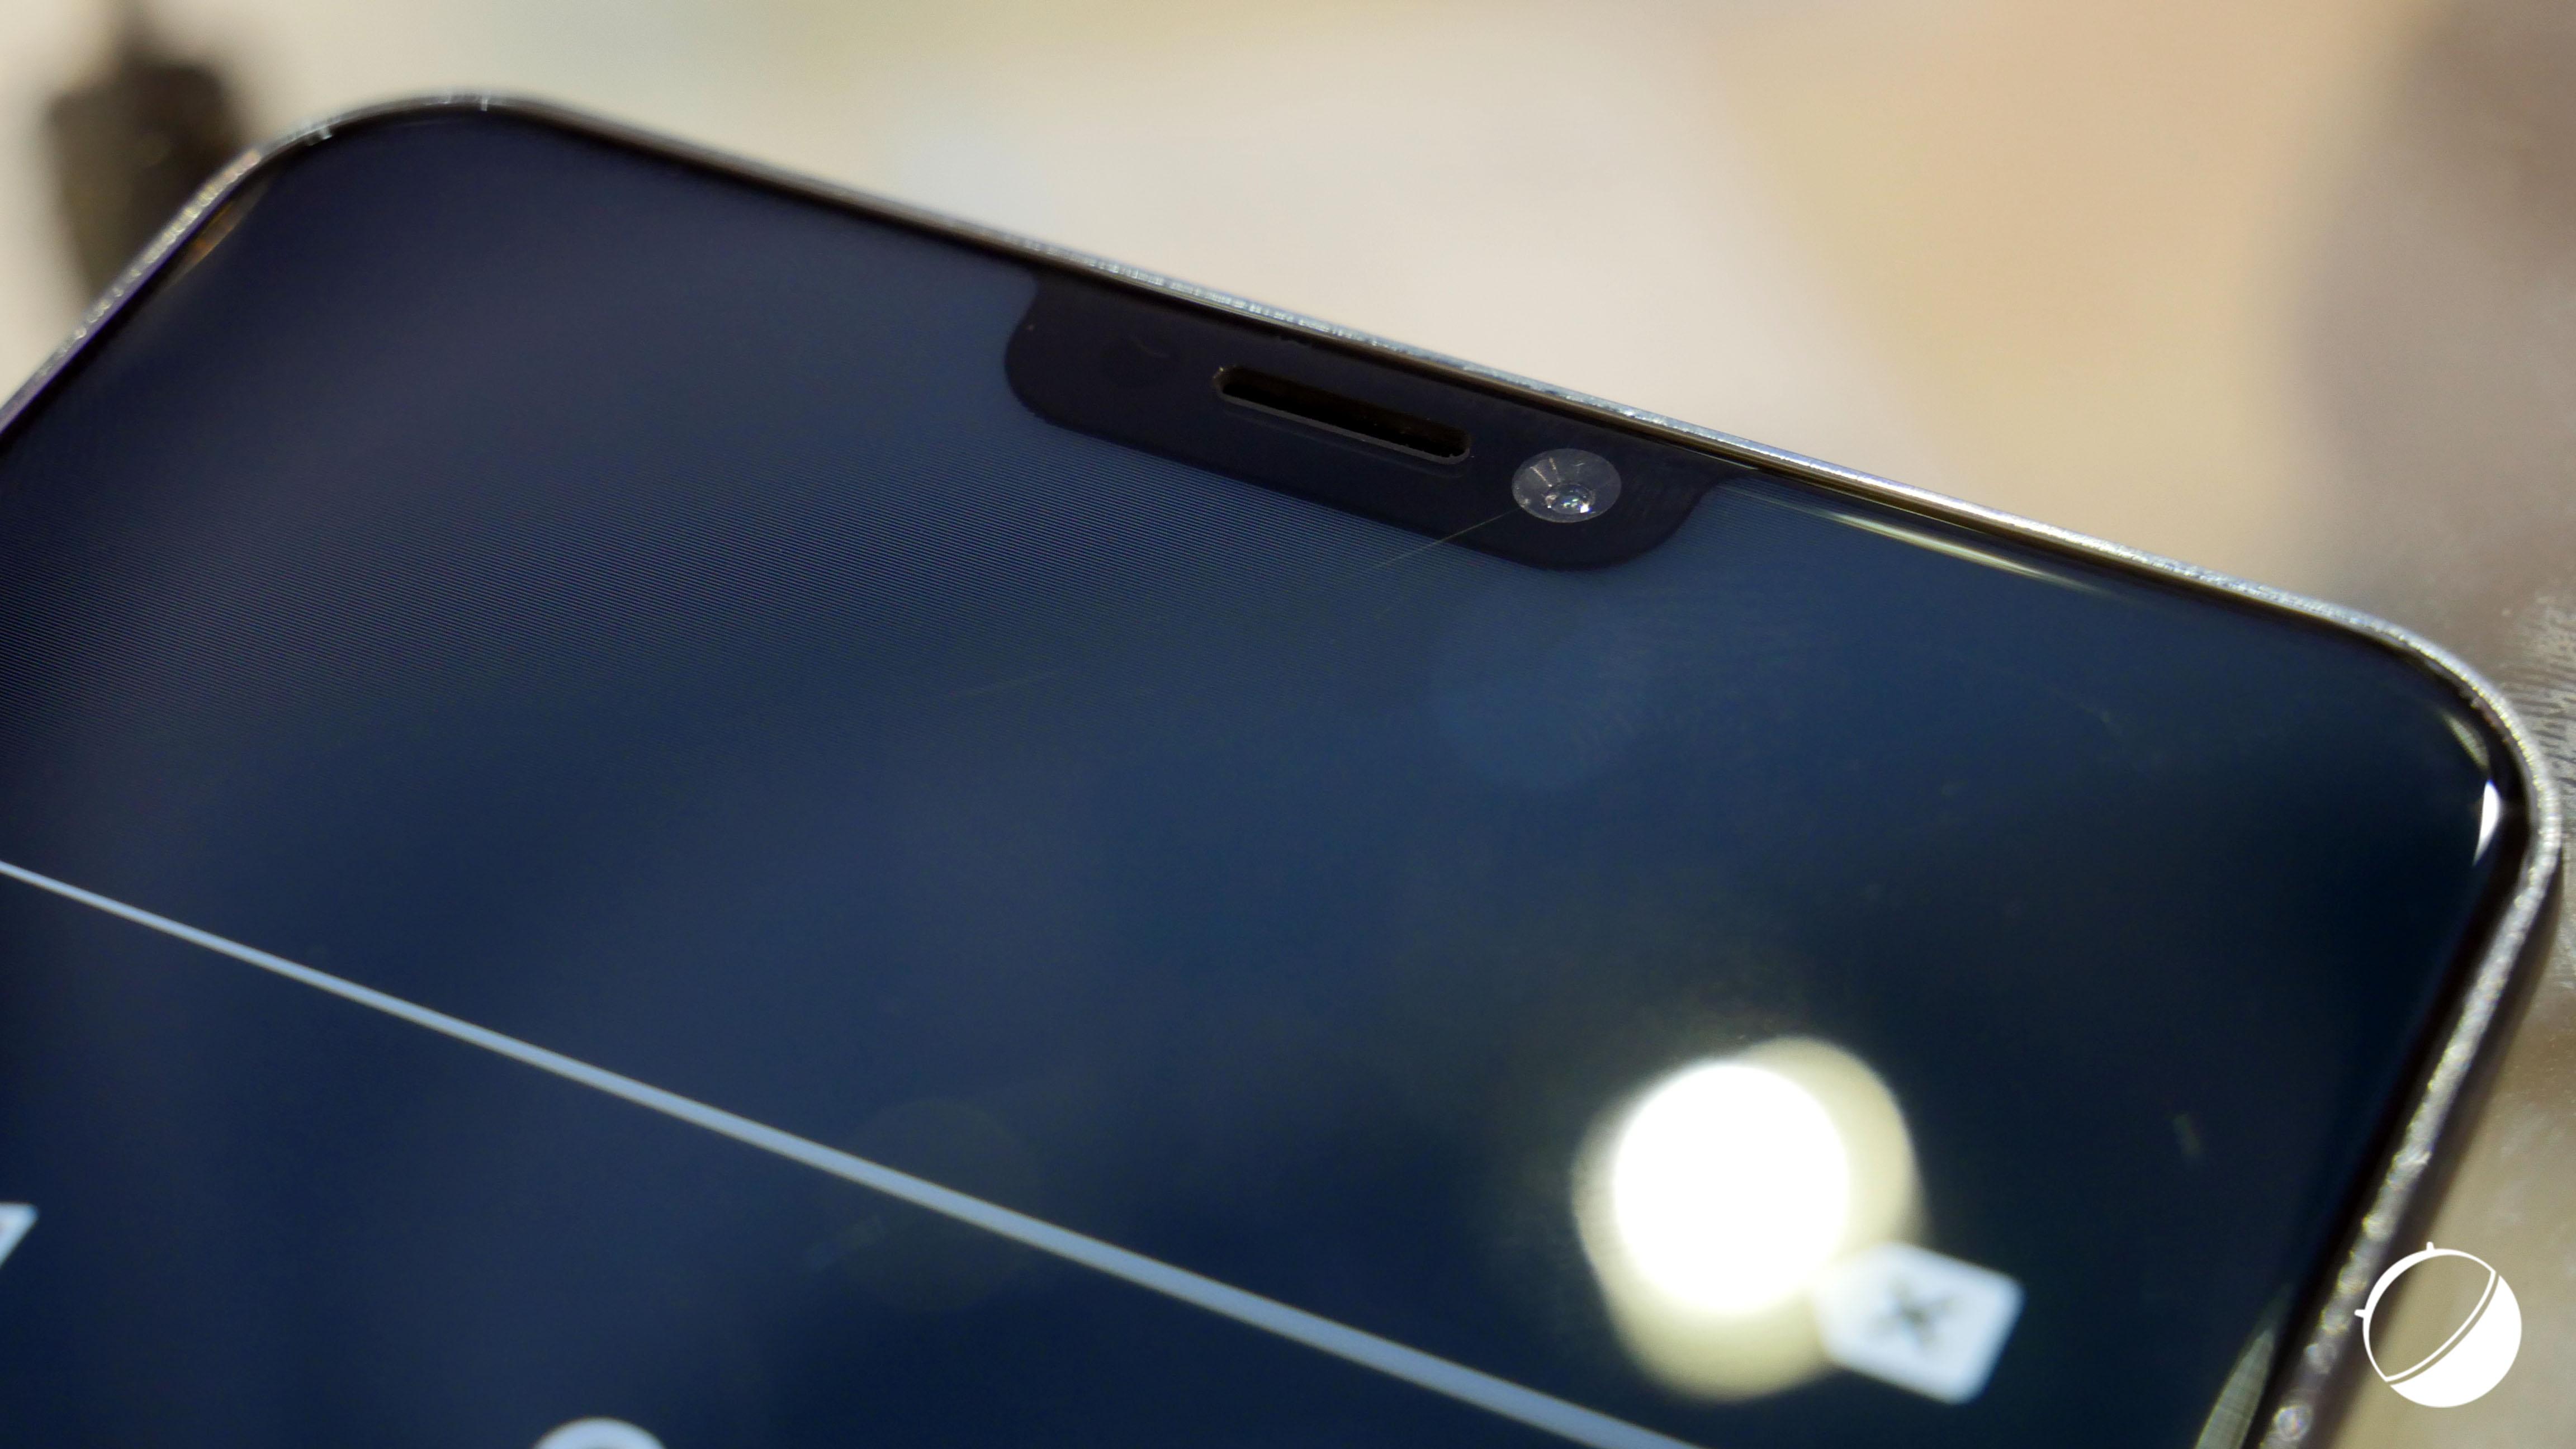 Ulefone T2 Pro, encore un iPhone X avec lecteur d'empreintes sous l'écran